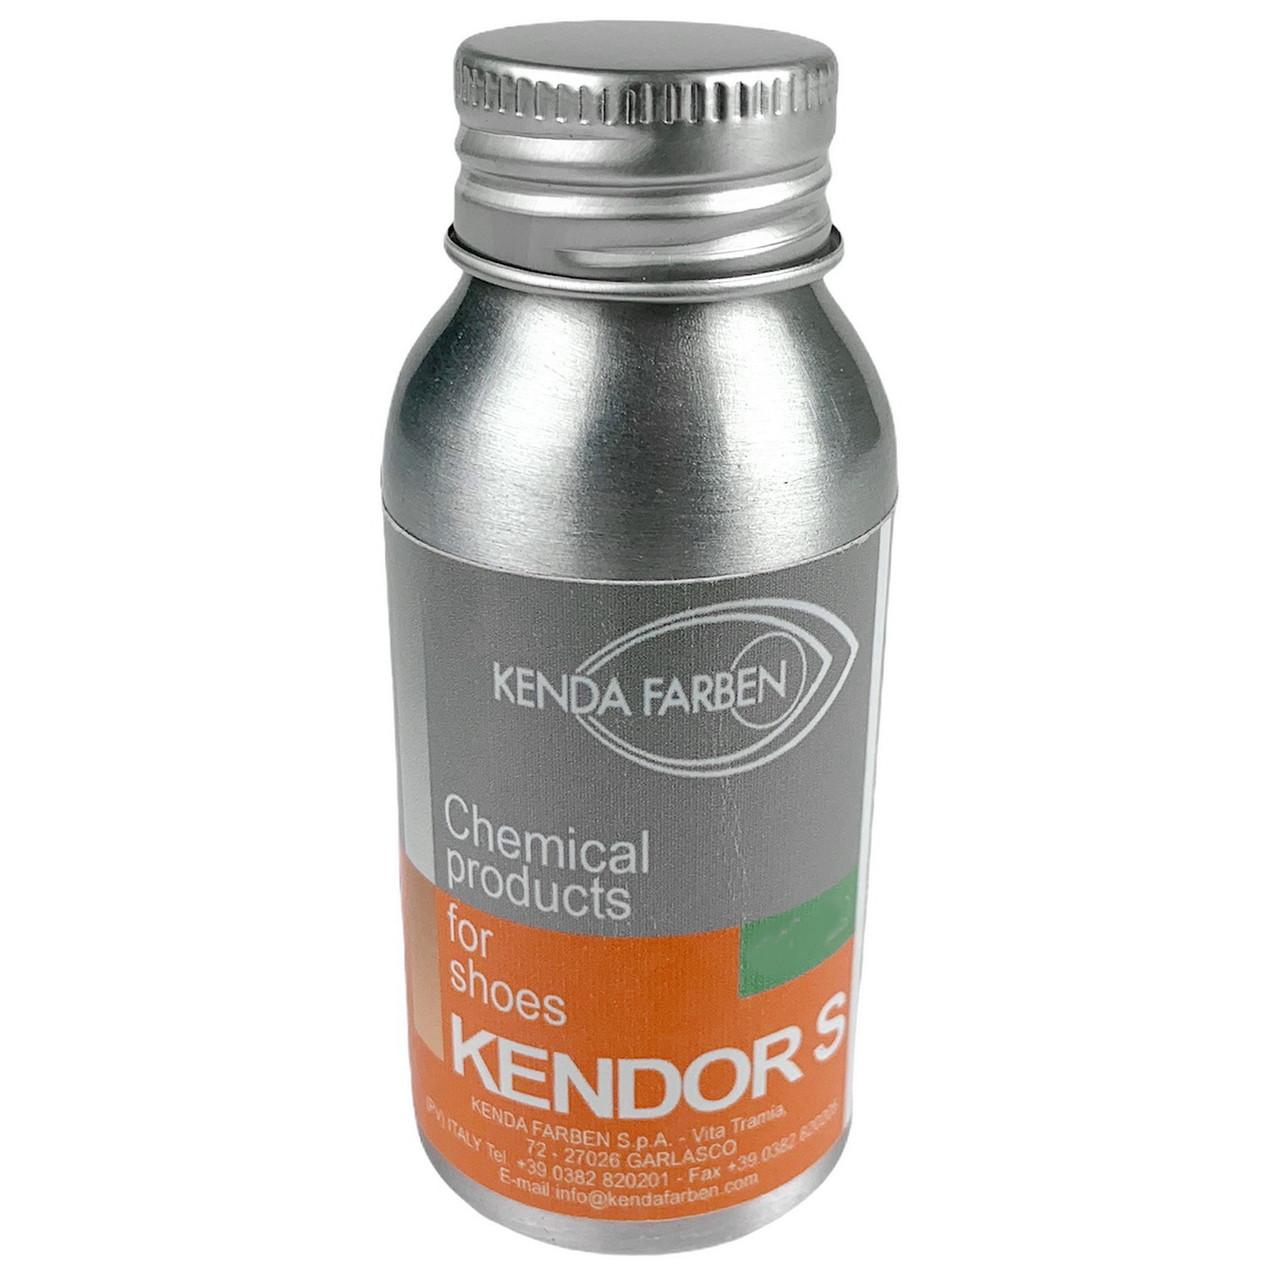 Активатор для термоклея Kendor S, полиизоционат 50 мл.